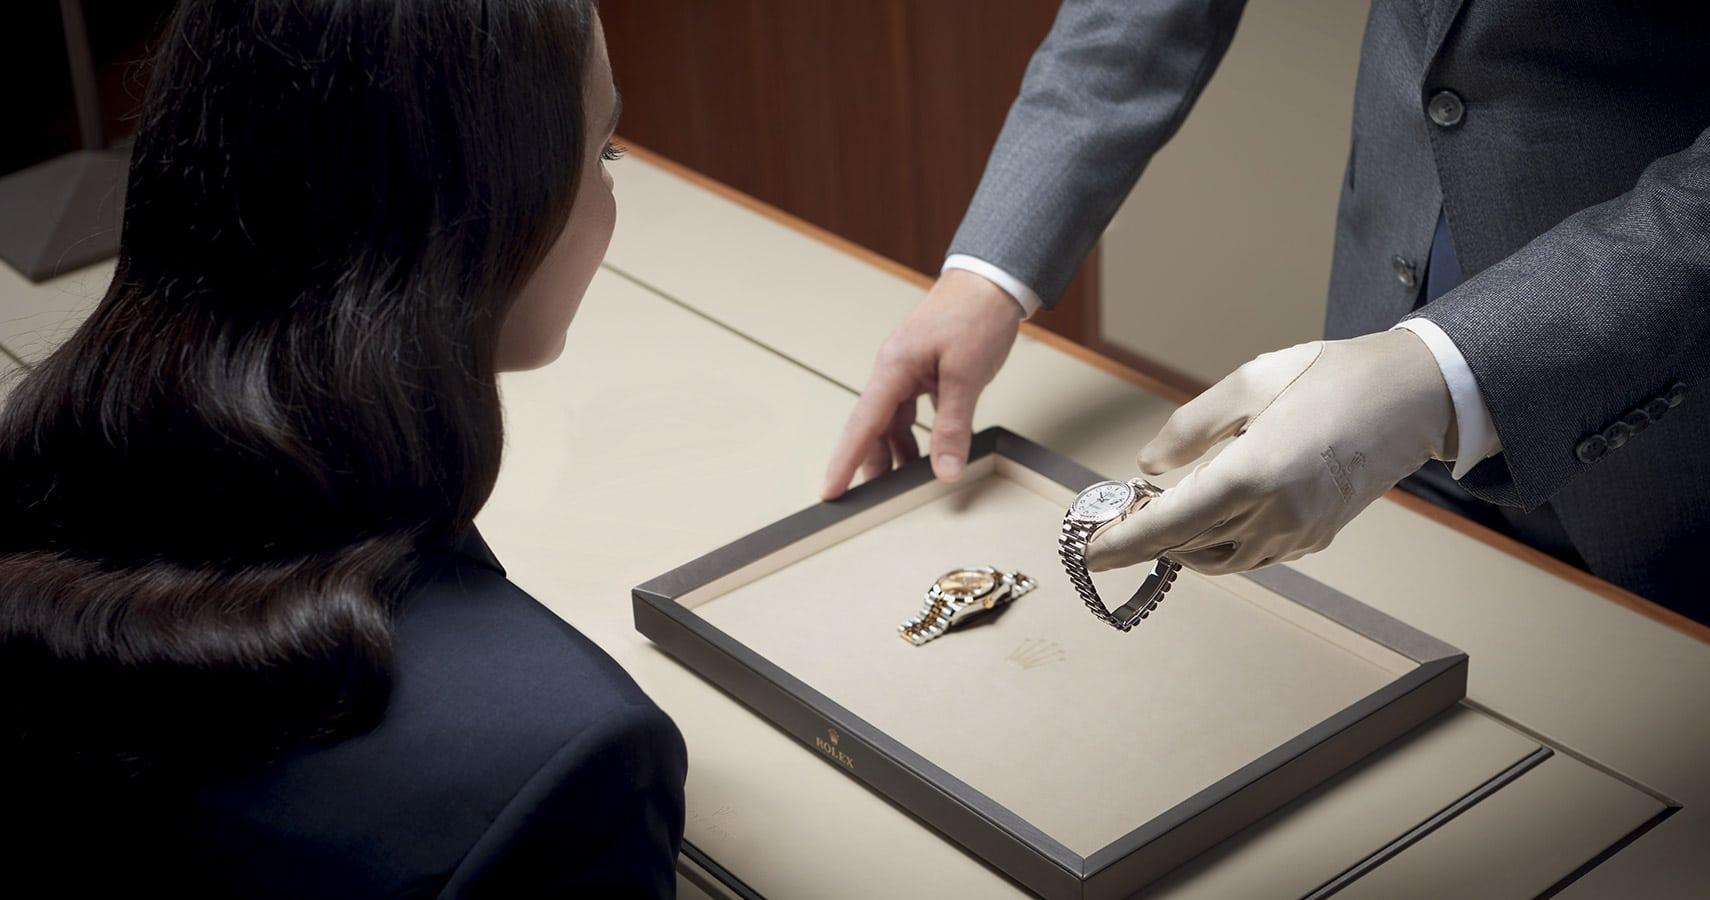 การนำนาฬิกา Rolexเข้ารับบริการ ที่ ศูนย์ซ่อม Rolex เอ็น จี จี ไทม์พีซ